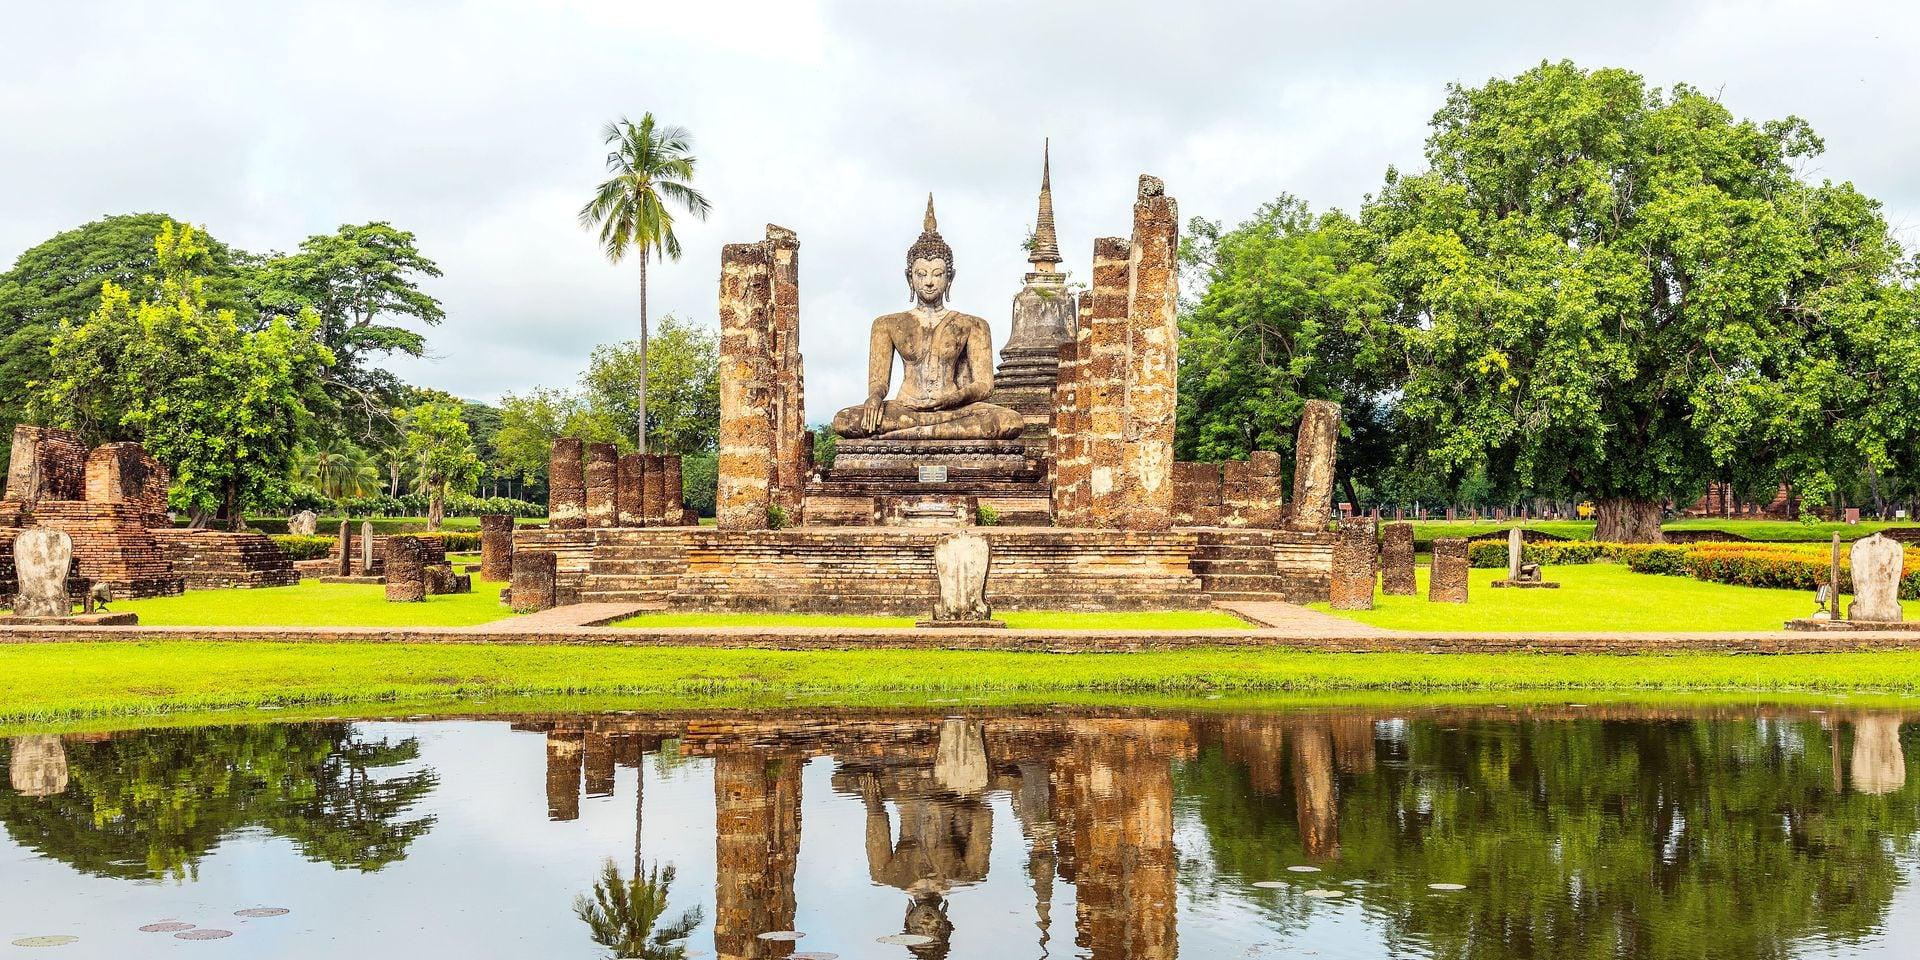 Phra Srisakayamunee, Buddha image at Mahathat Temple in Sukhothai Historical Park, Sukhothai